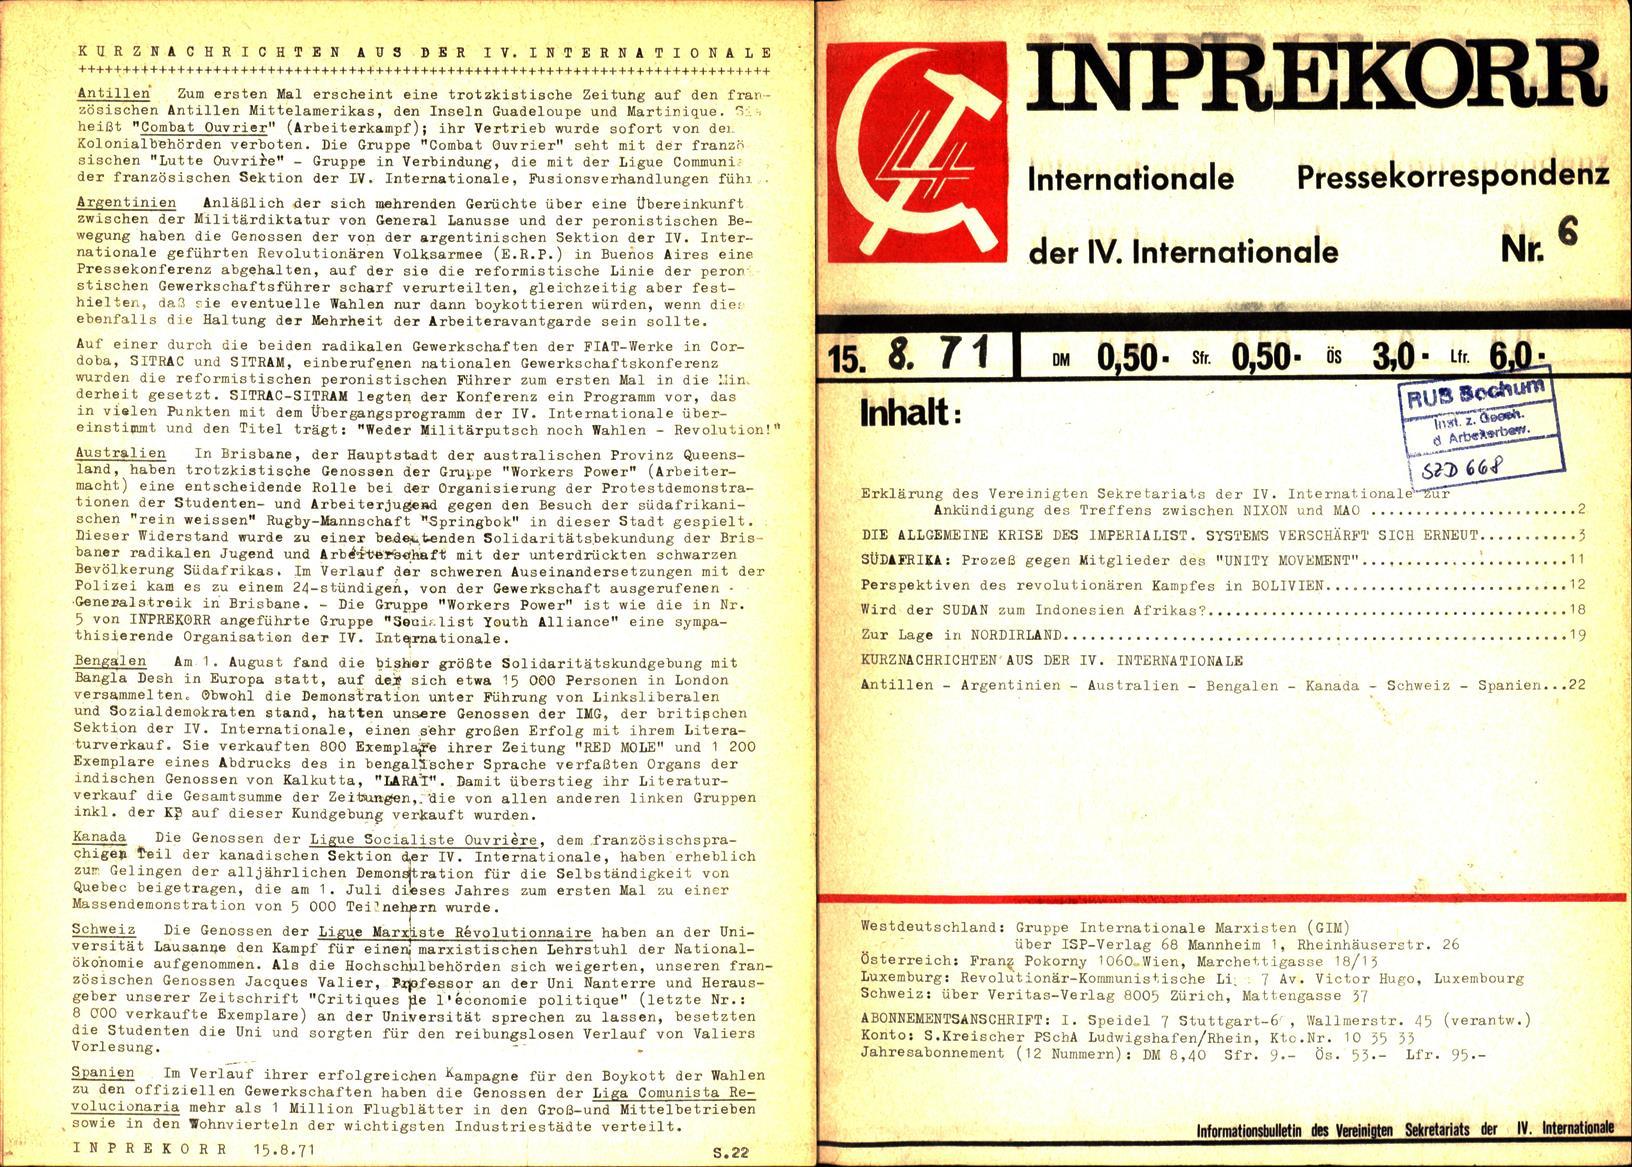 Inprekorr_19710815_006_001